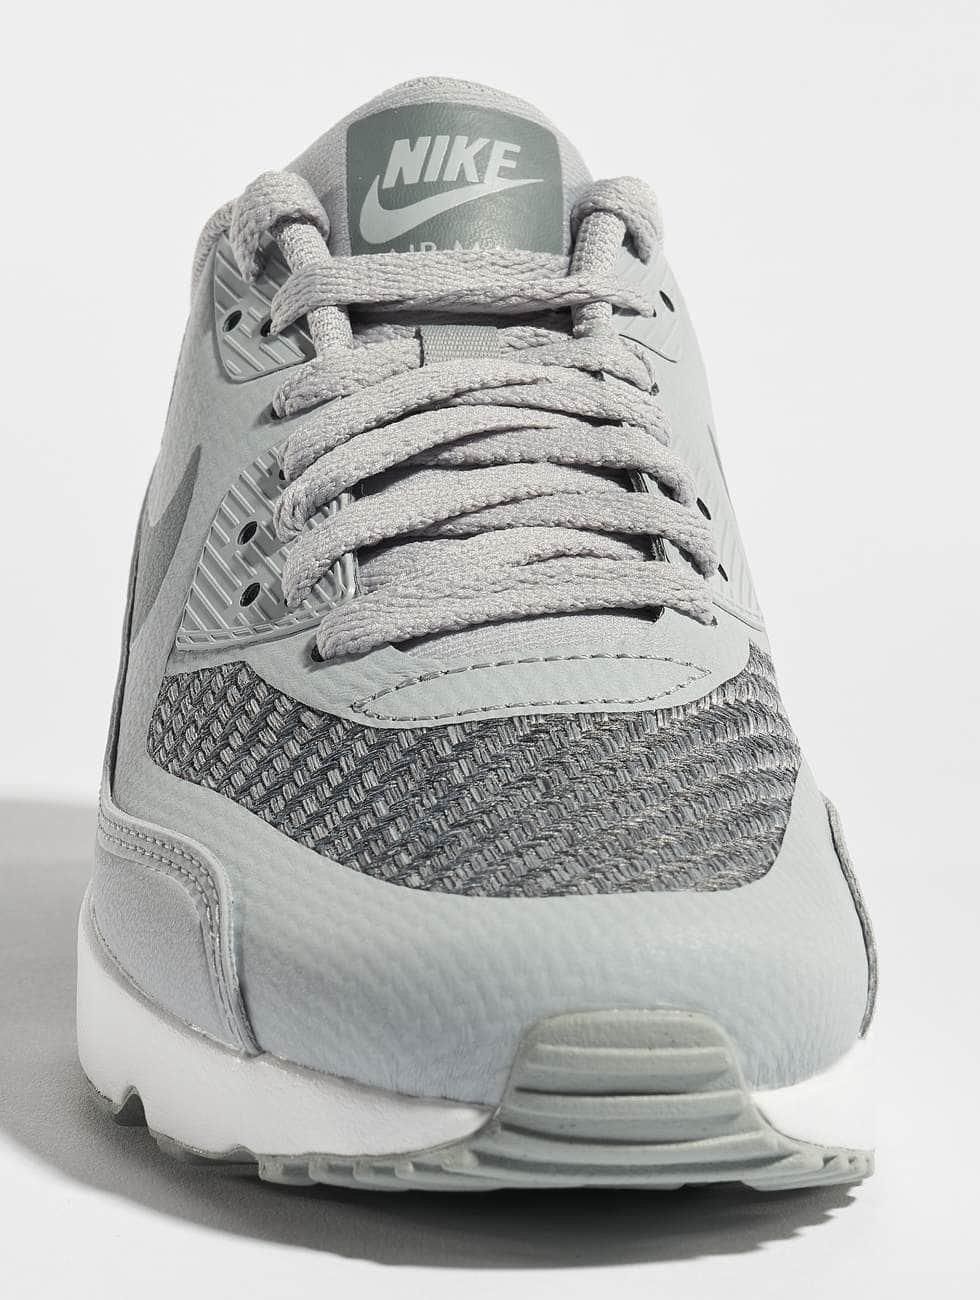 Nike schoen / sneaker Air Max 90 Ultra 2.0 SE (GS) in grijs 441780 Lage Prijs Vergoeding Verzendkosten Kopen Goedkope Met Paypal Beste Prijzen Online Goedkope Prijs Korting Authentieke 8qThJ